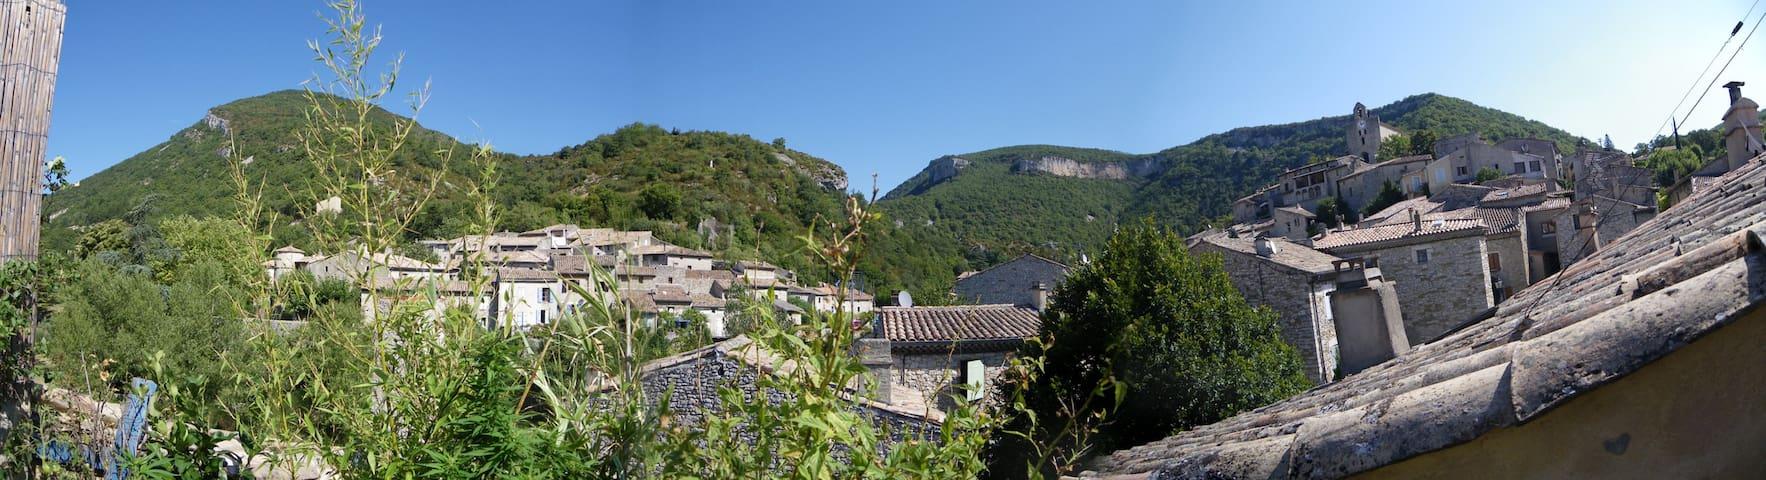 Jolie maison de village - Pont-de-Barret - 連棟房屋